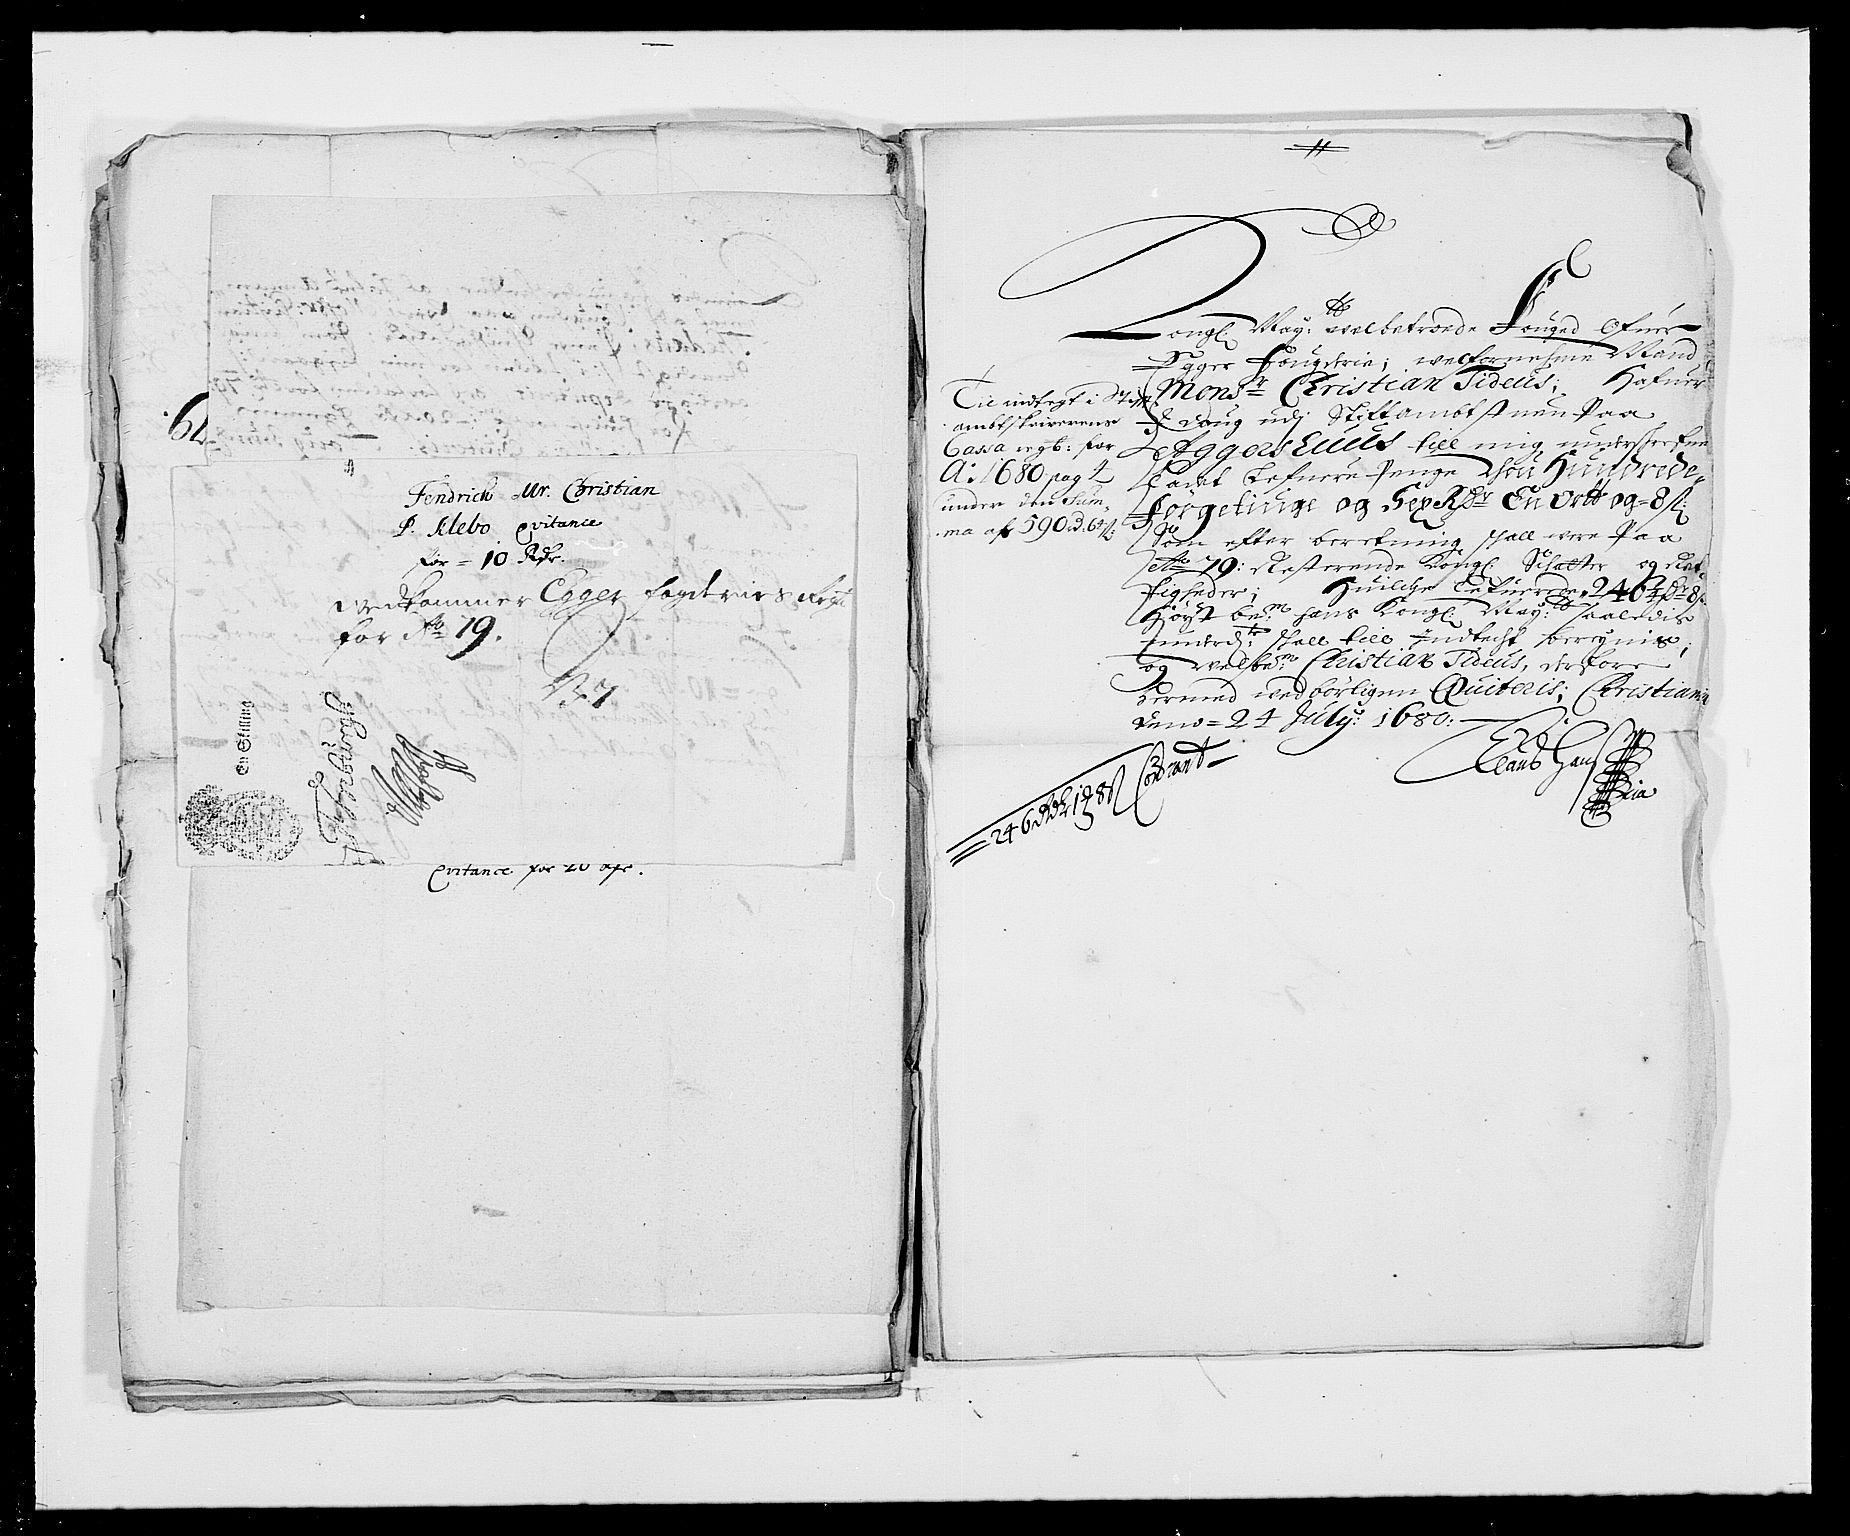 RA, Rentekammeret inntil 1814, Reviderte regnskaper, Fogderegnskap, R26/L1685: Fogderegnskap Eiker, 1679-1686, s. 226